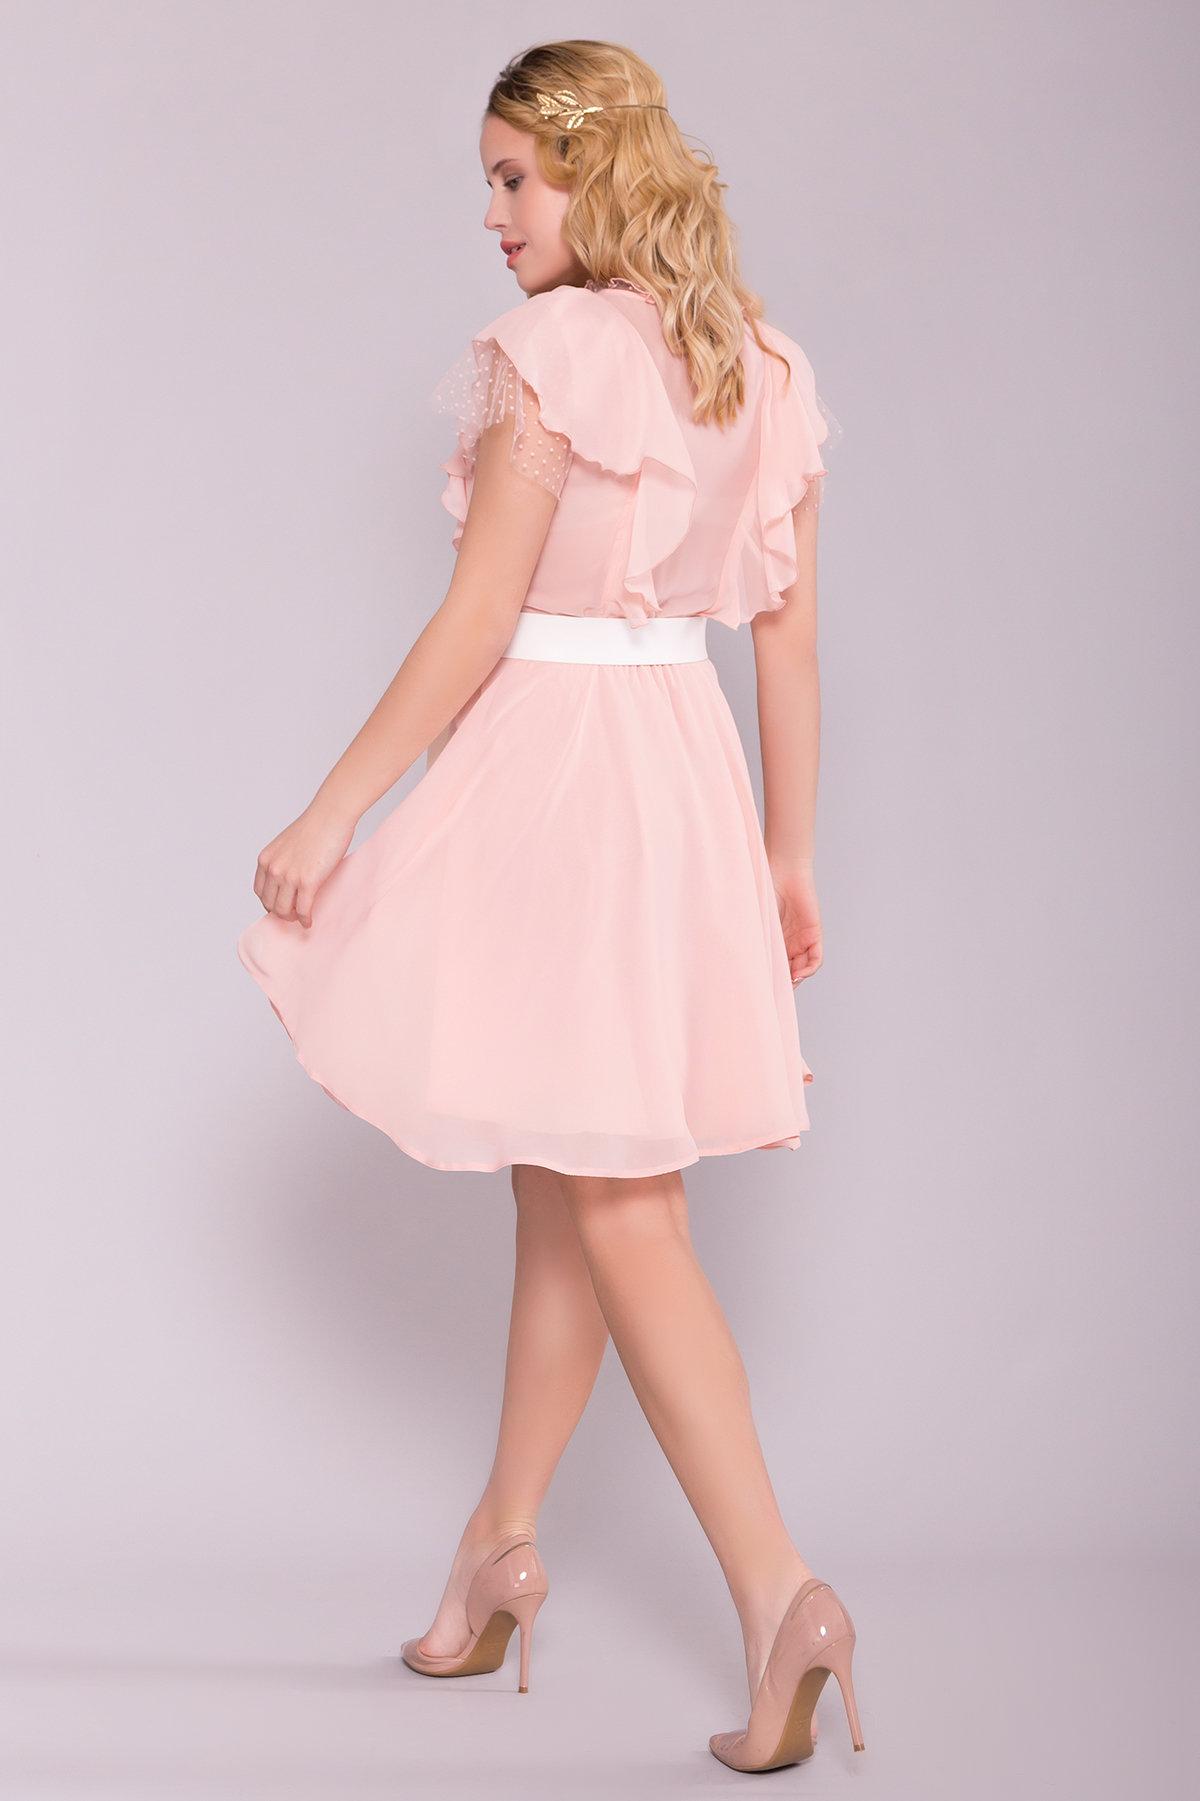 Платье Дали 6992 АРТ. 42308 Цвет: Пудра - фото 3, интернет магазин tm-modus.ru